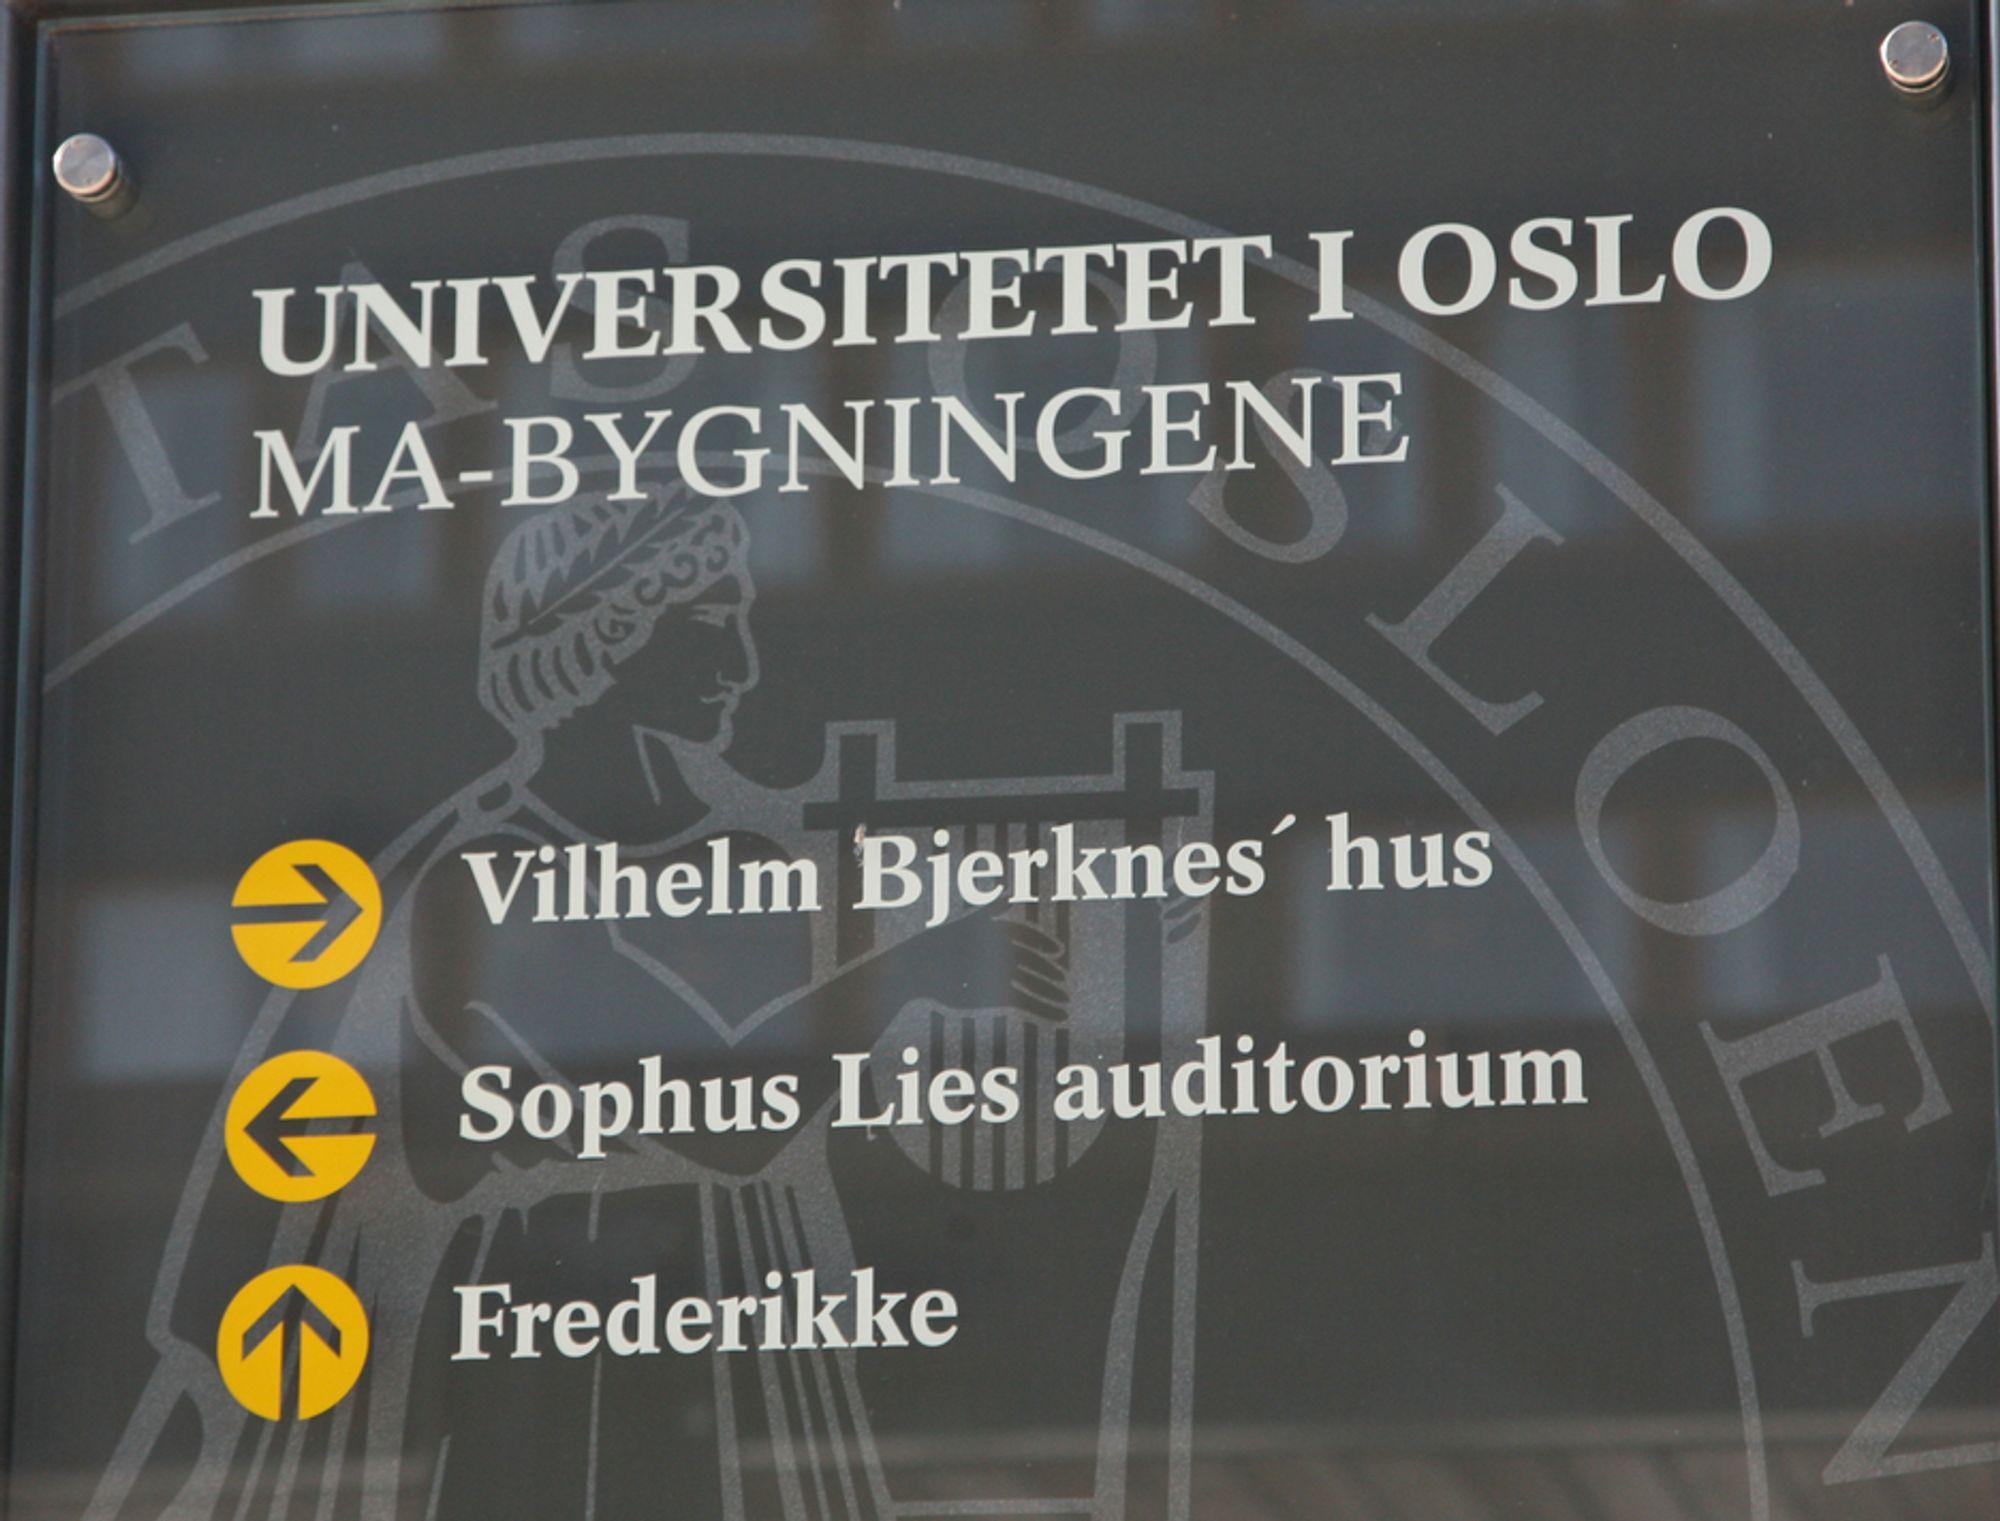 Skilt ved Matnatbygningene på Universitetet i Oslo. Realfag. Teknologi. Teknologiske fag. Siving. Studier. Studenter. Utdanning. Arbeidsliv. Lønn. Karriere. Jobb.